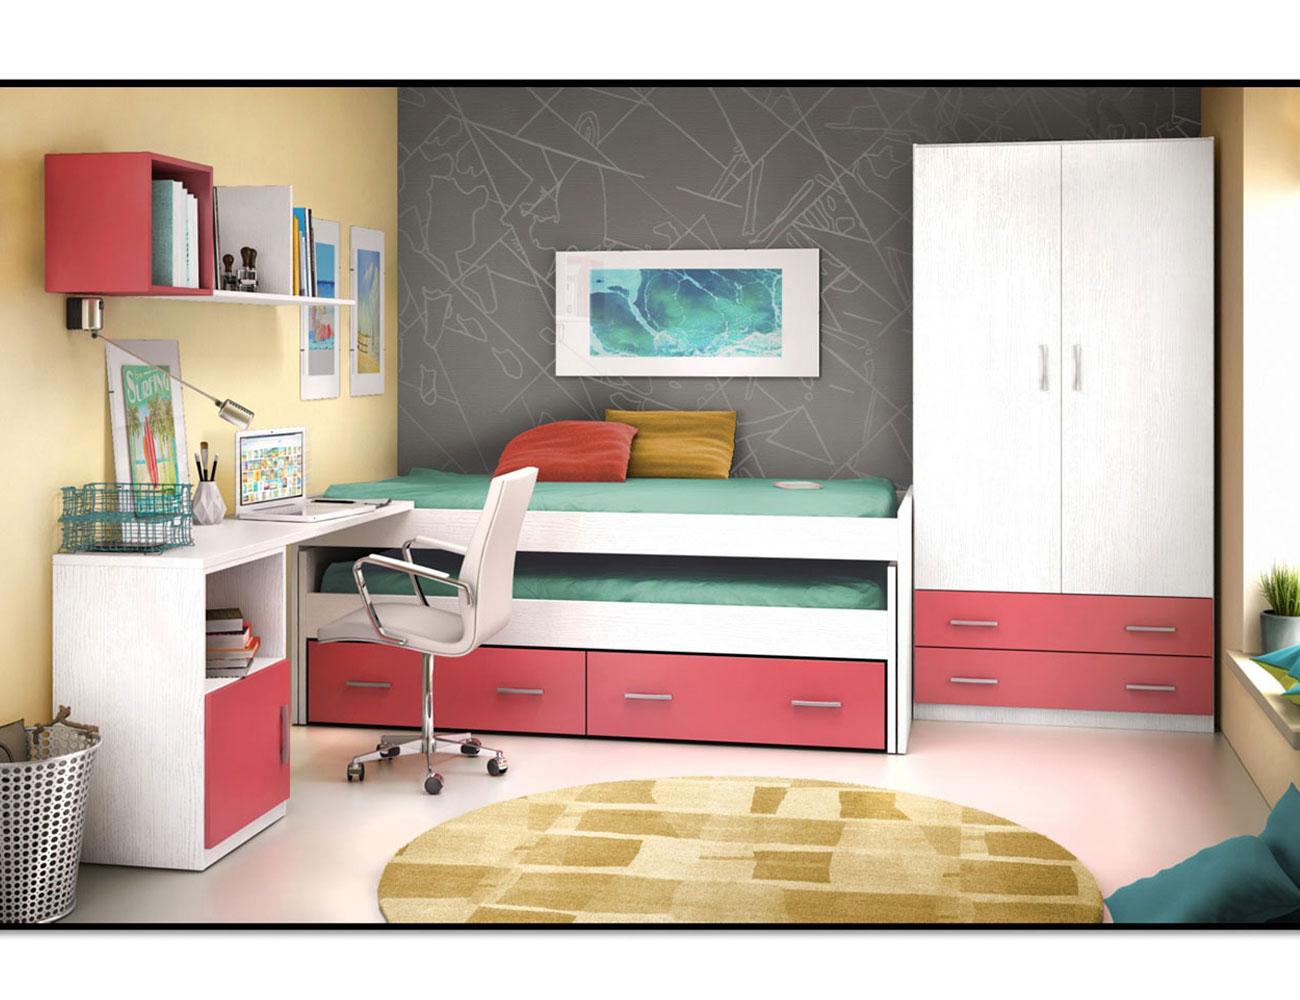 02 dormitorio juvenil cama block